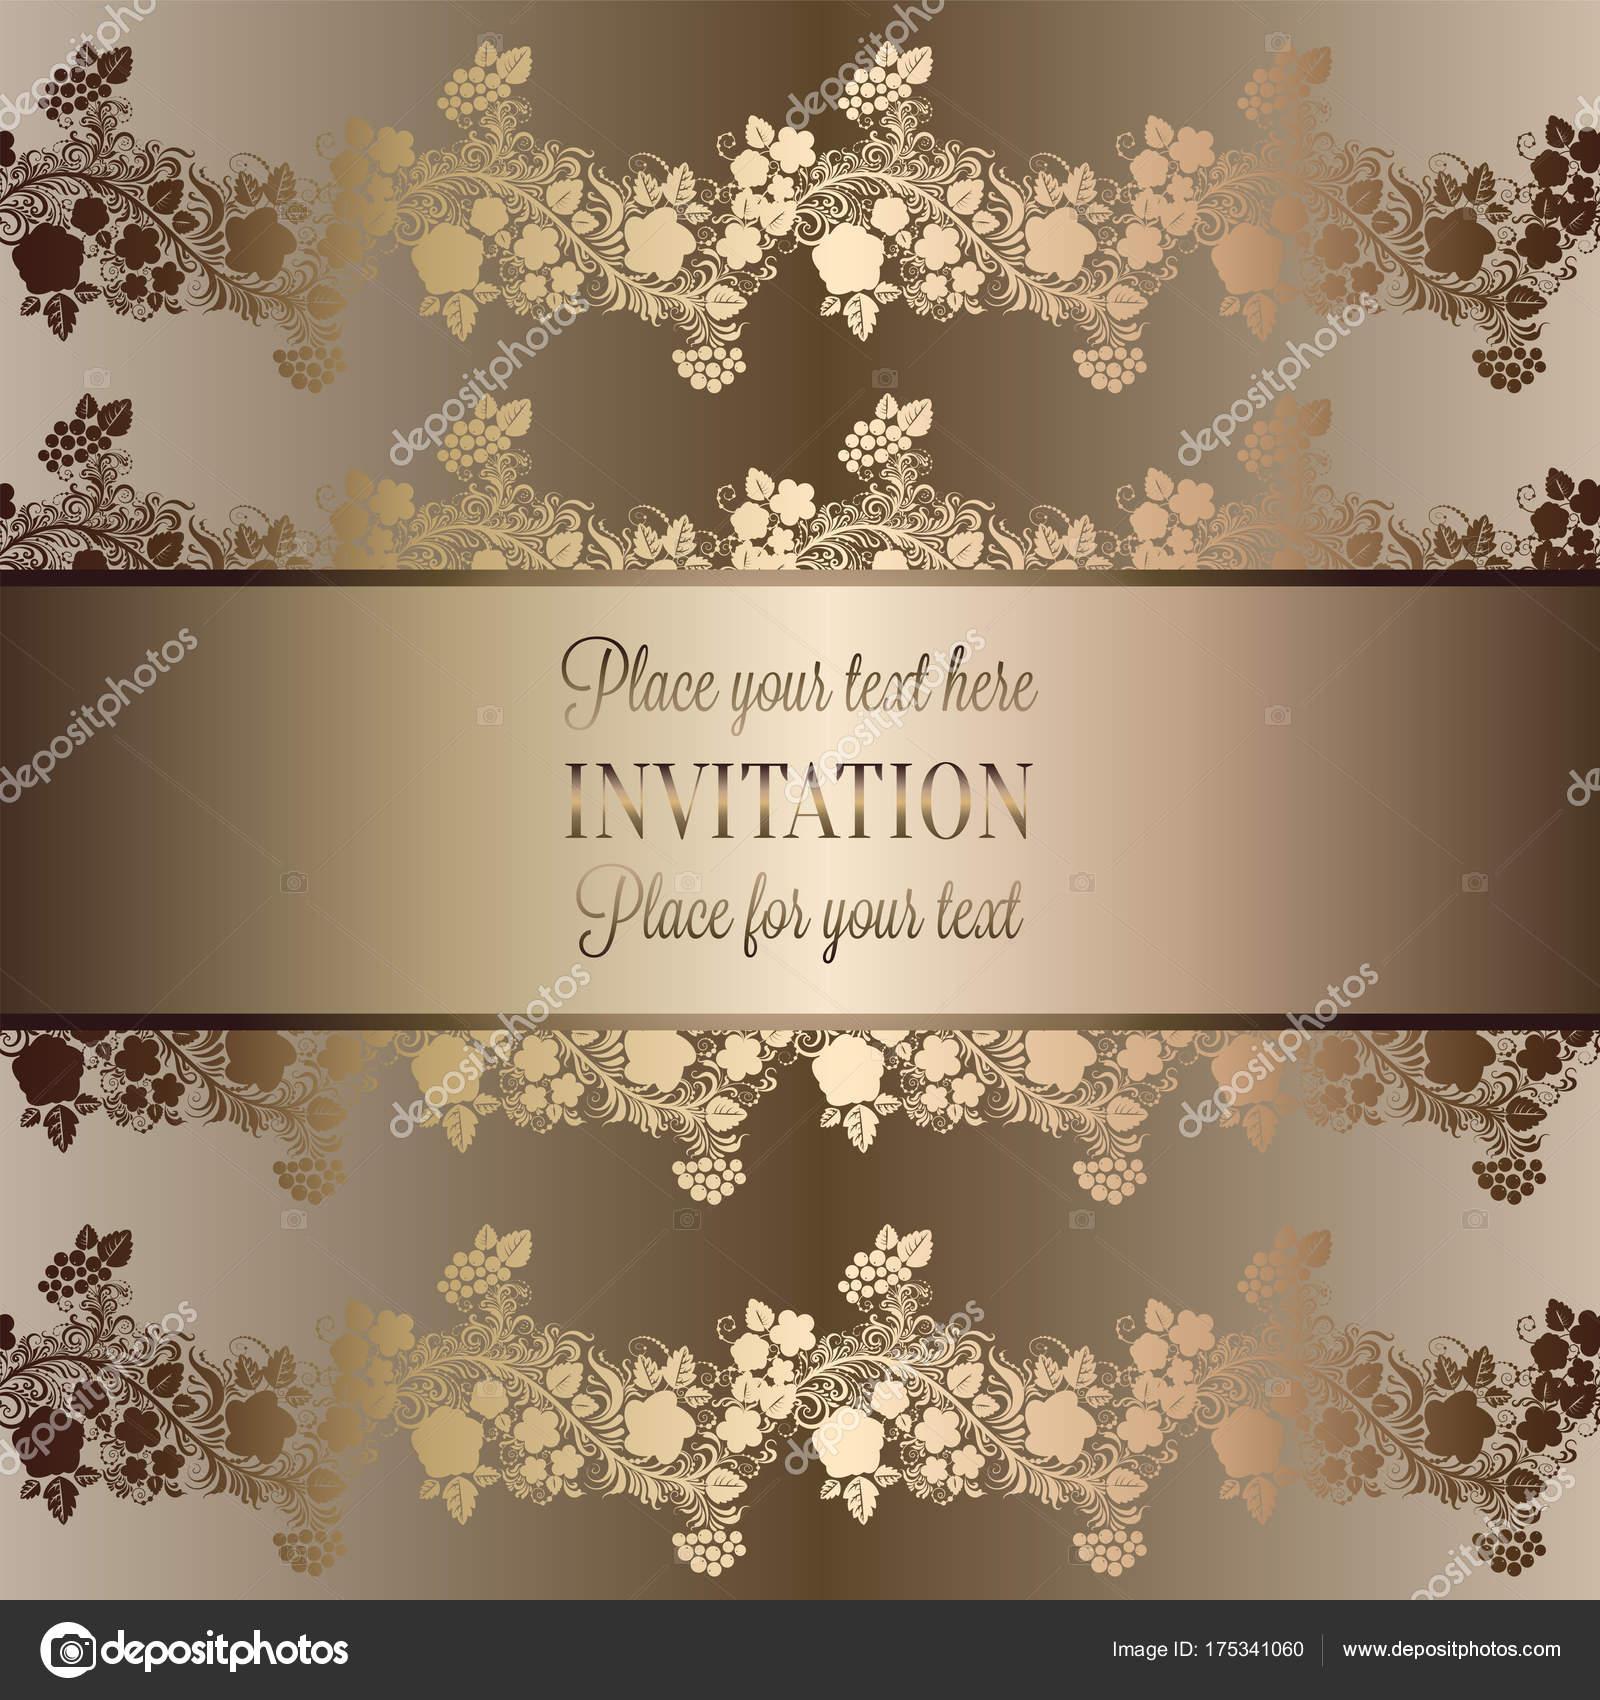 Imagenes Fondos De Invitaciones De Boda Vintage Barroco Plantilla - Fondo-invitacion-boda